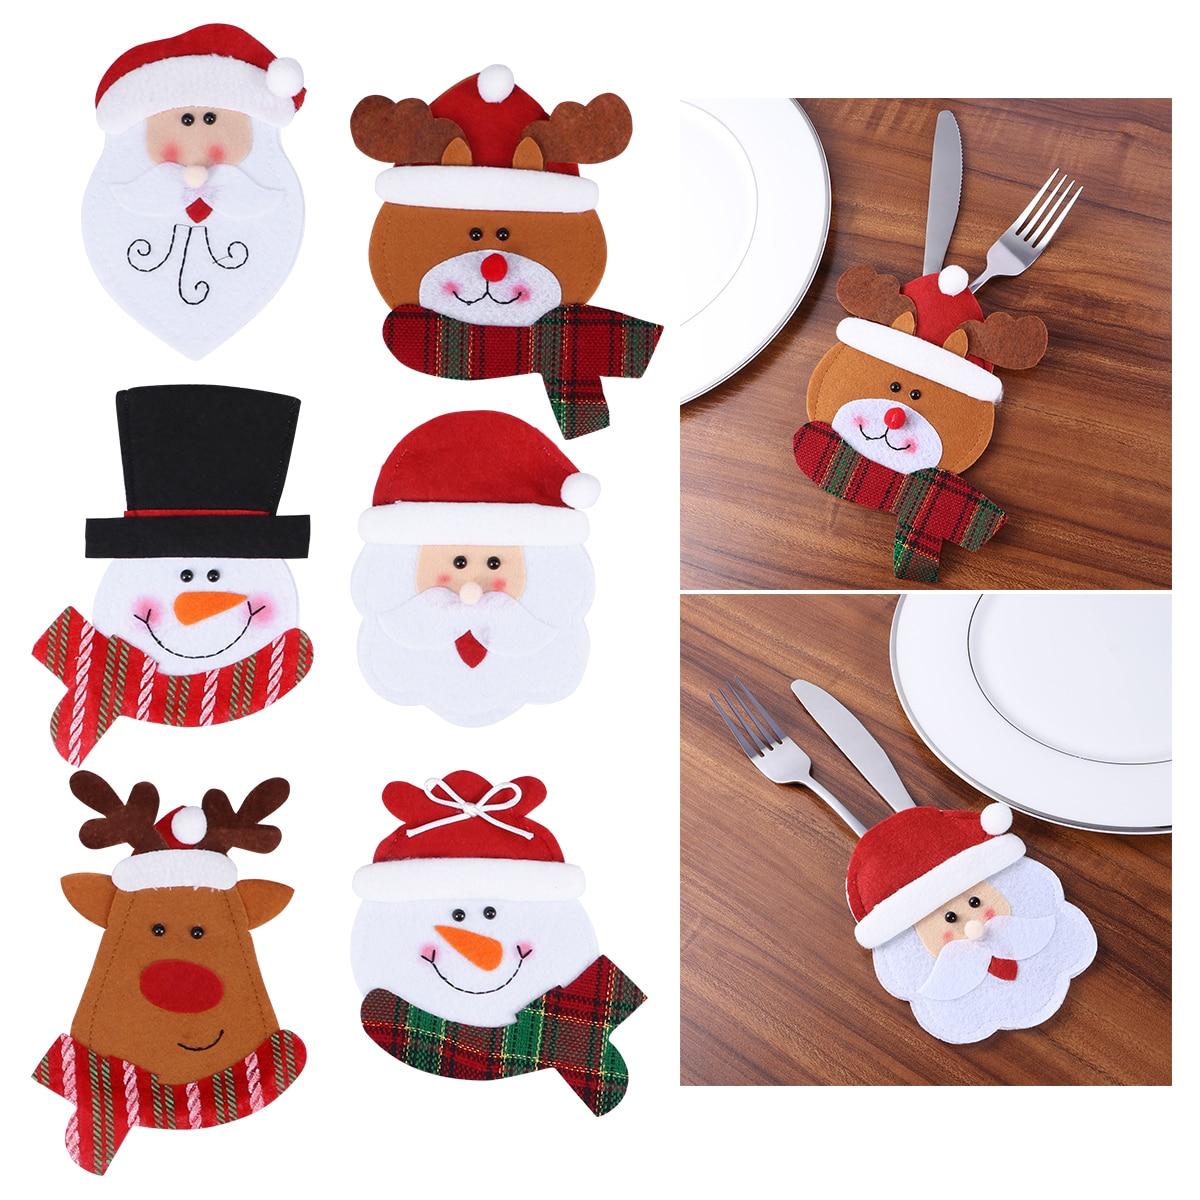 6 шт., милый Рождественский нож и вилка, сумка, кухонные столовые приборы, столовые приборы, держатели, карманы, рождественские украшения для ...